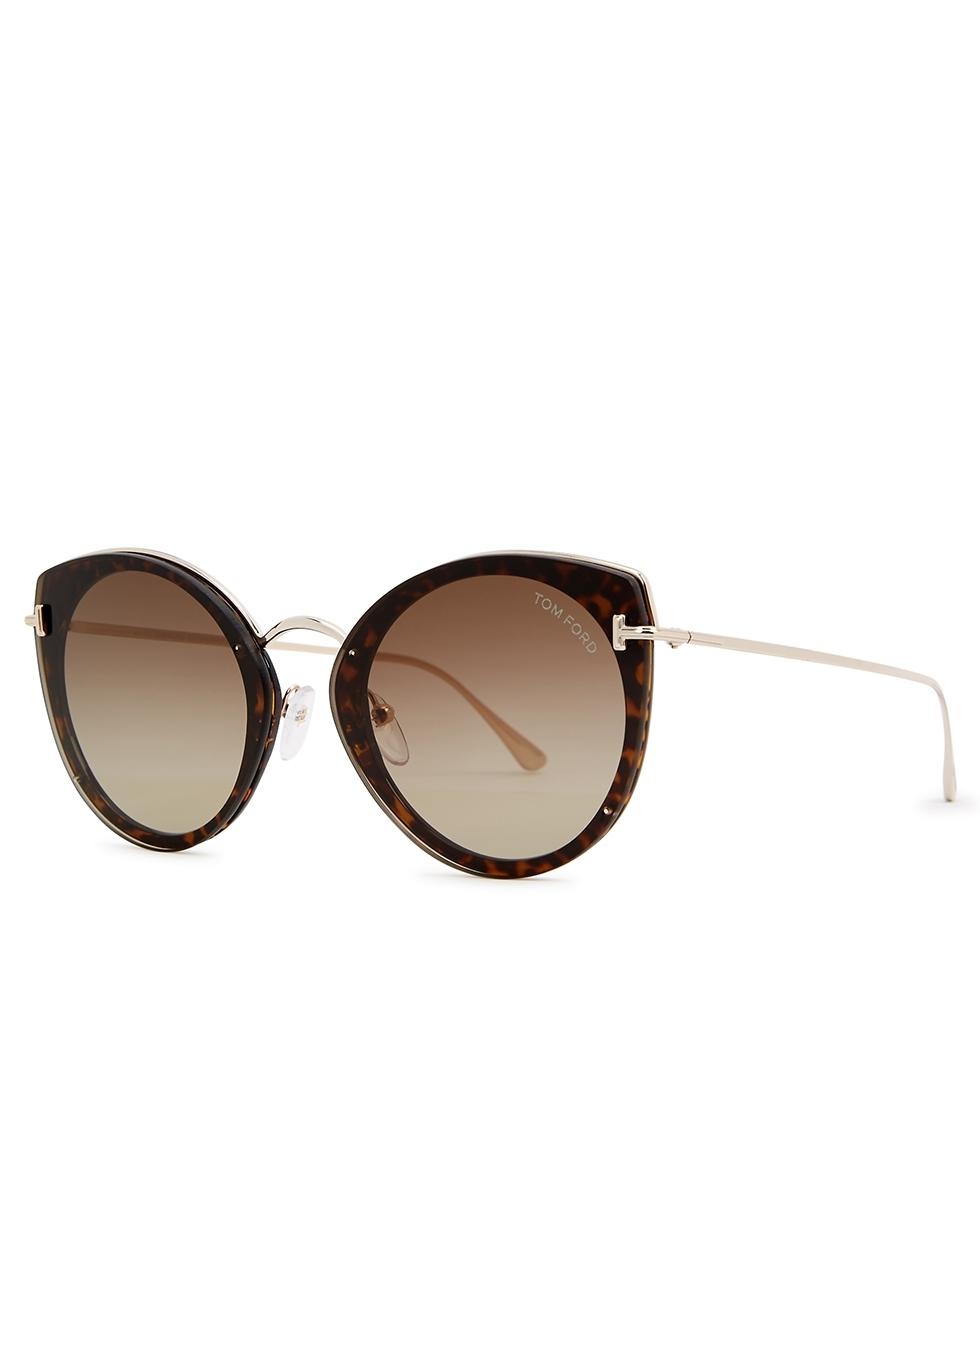 d9c42bf03f43 Tom Ford Eyewear - Harvey Nichols